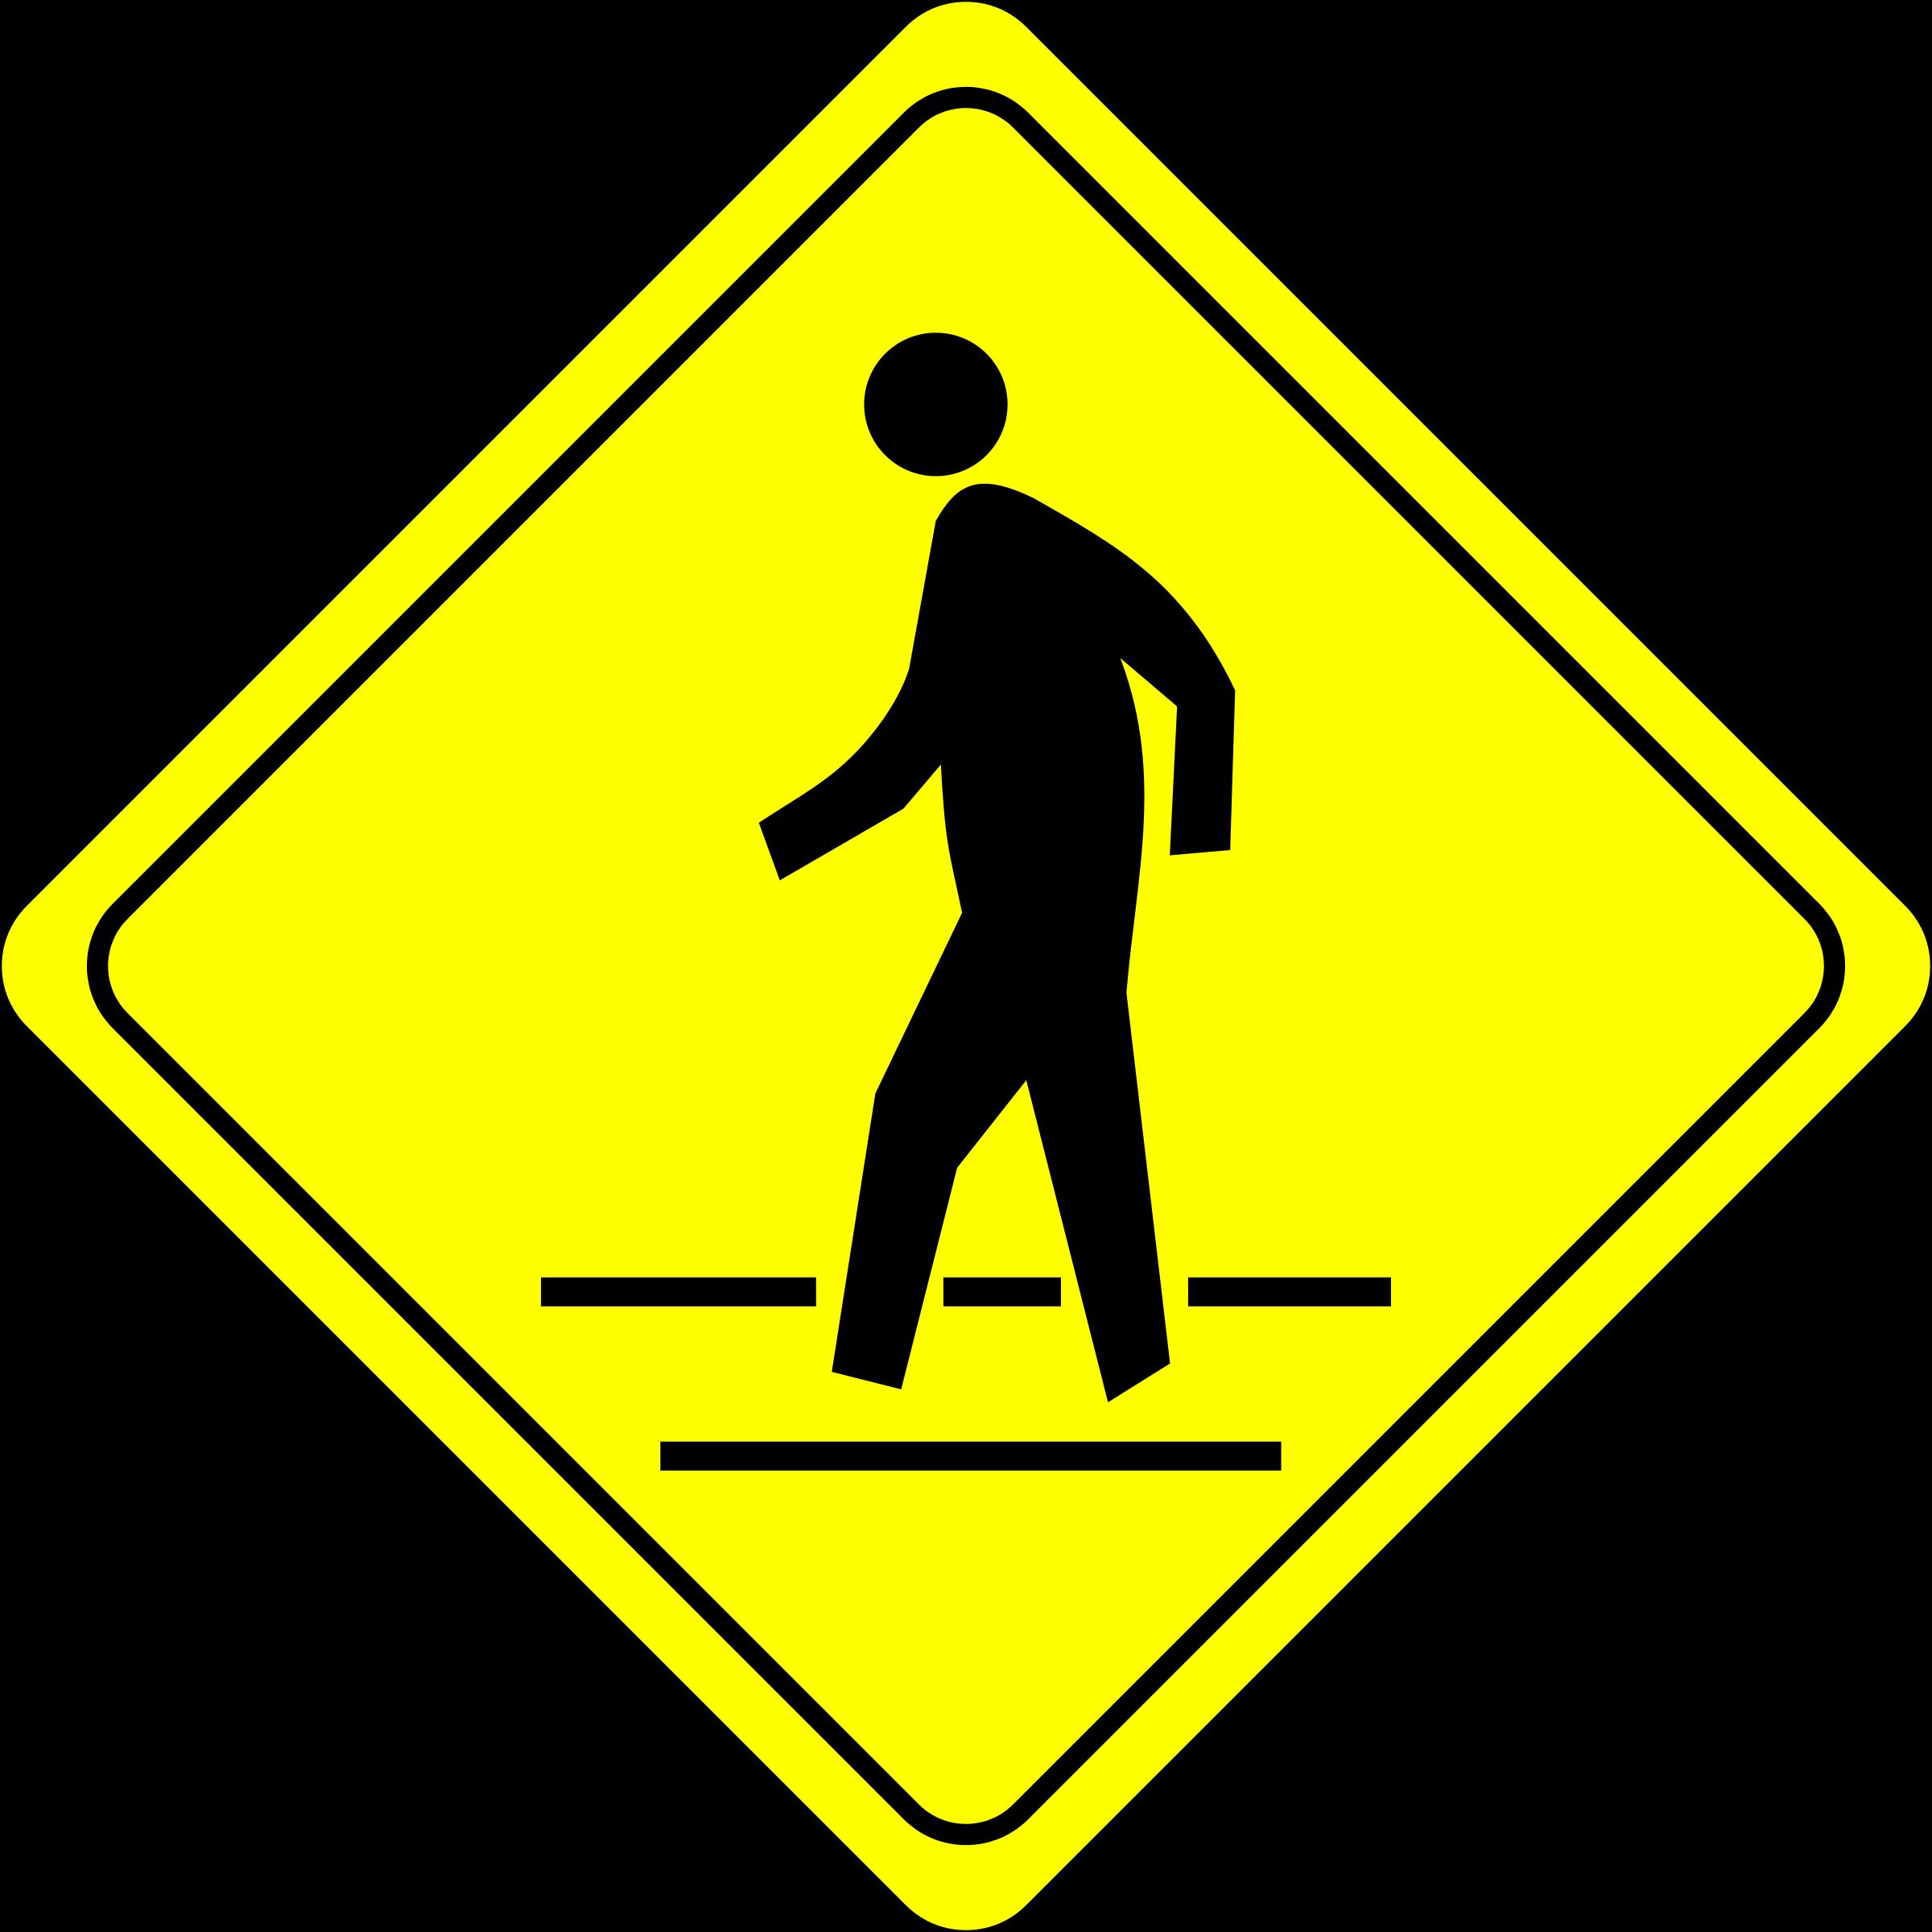 Pedestrian Clipart.